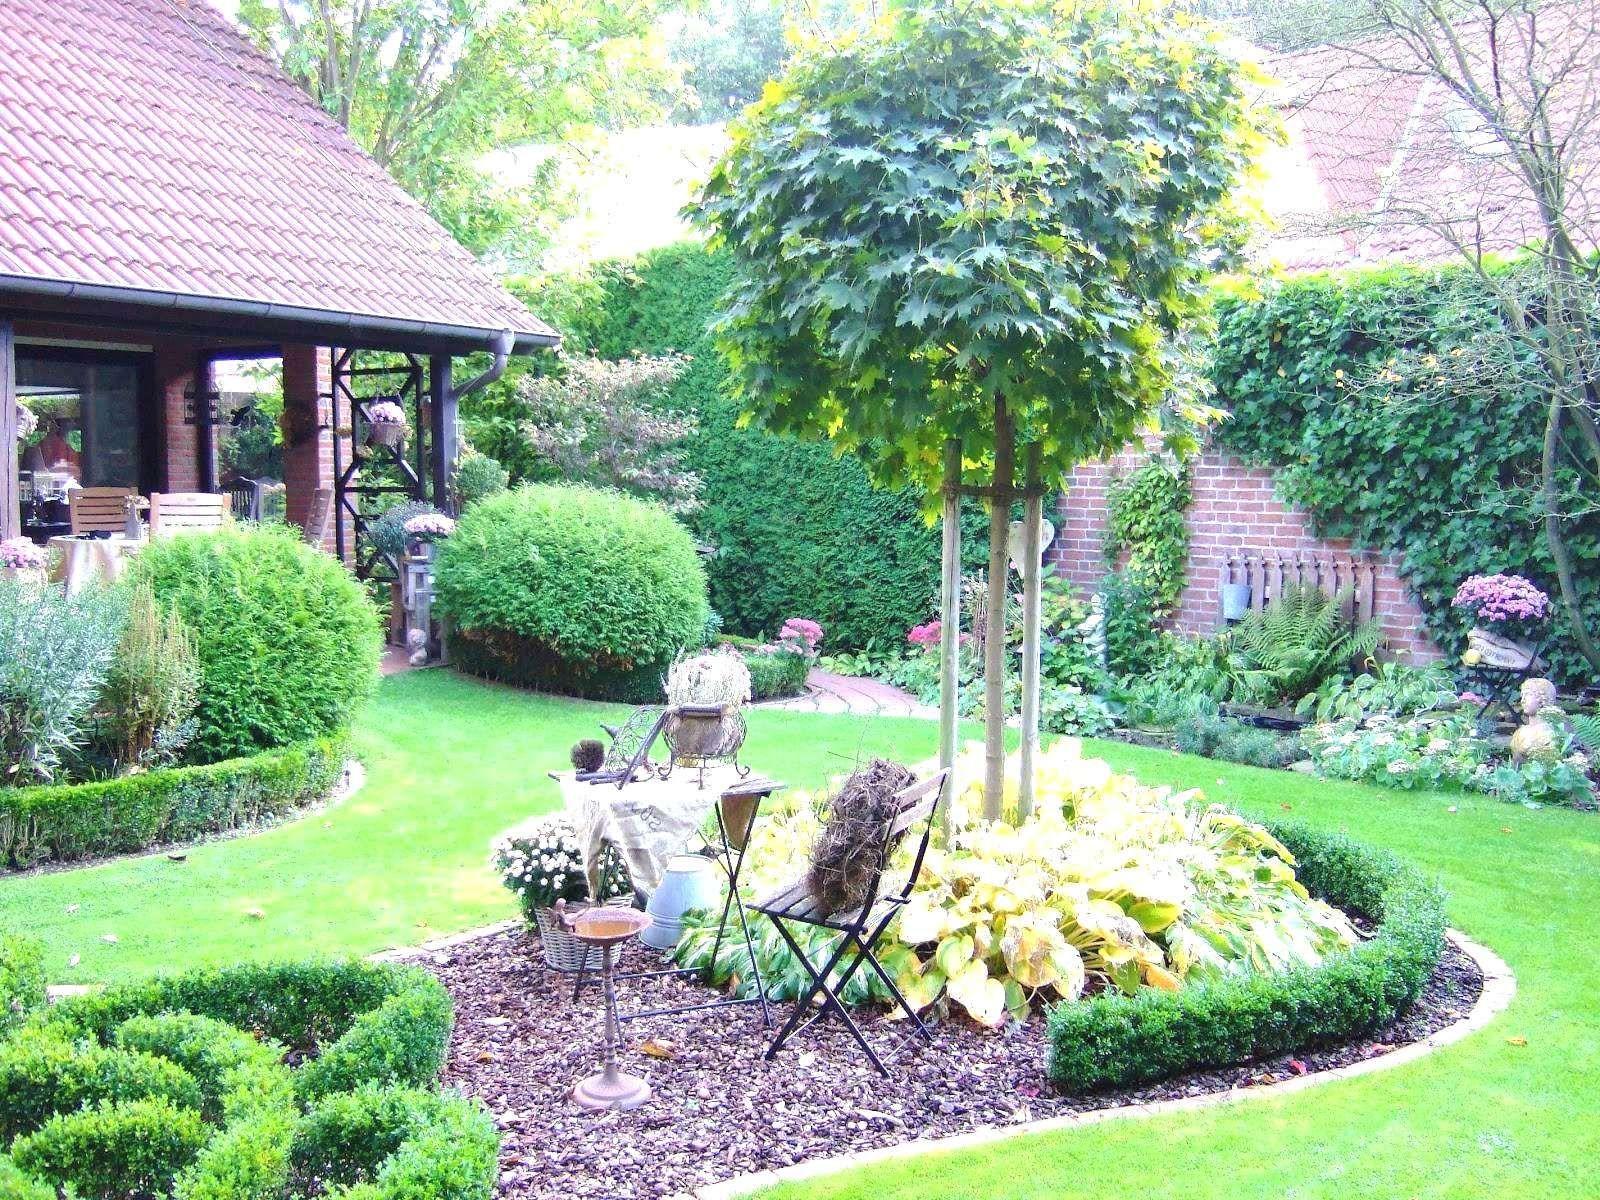 Deko Vorgarten Schön Garten Ideas Garten Anlegen Inspirational Aussenleuchten